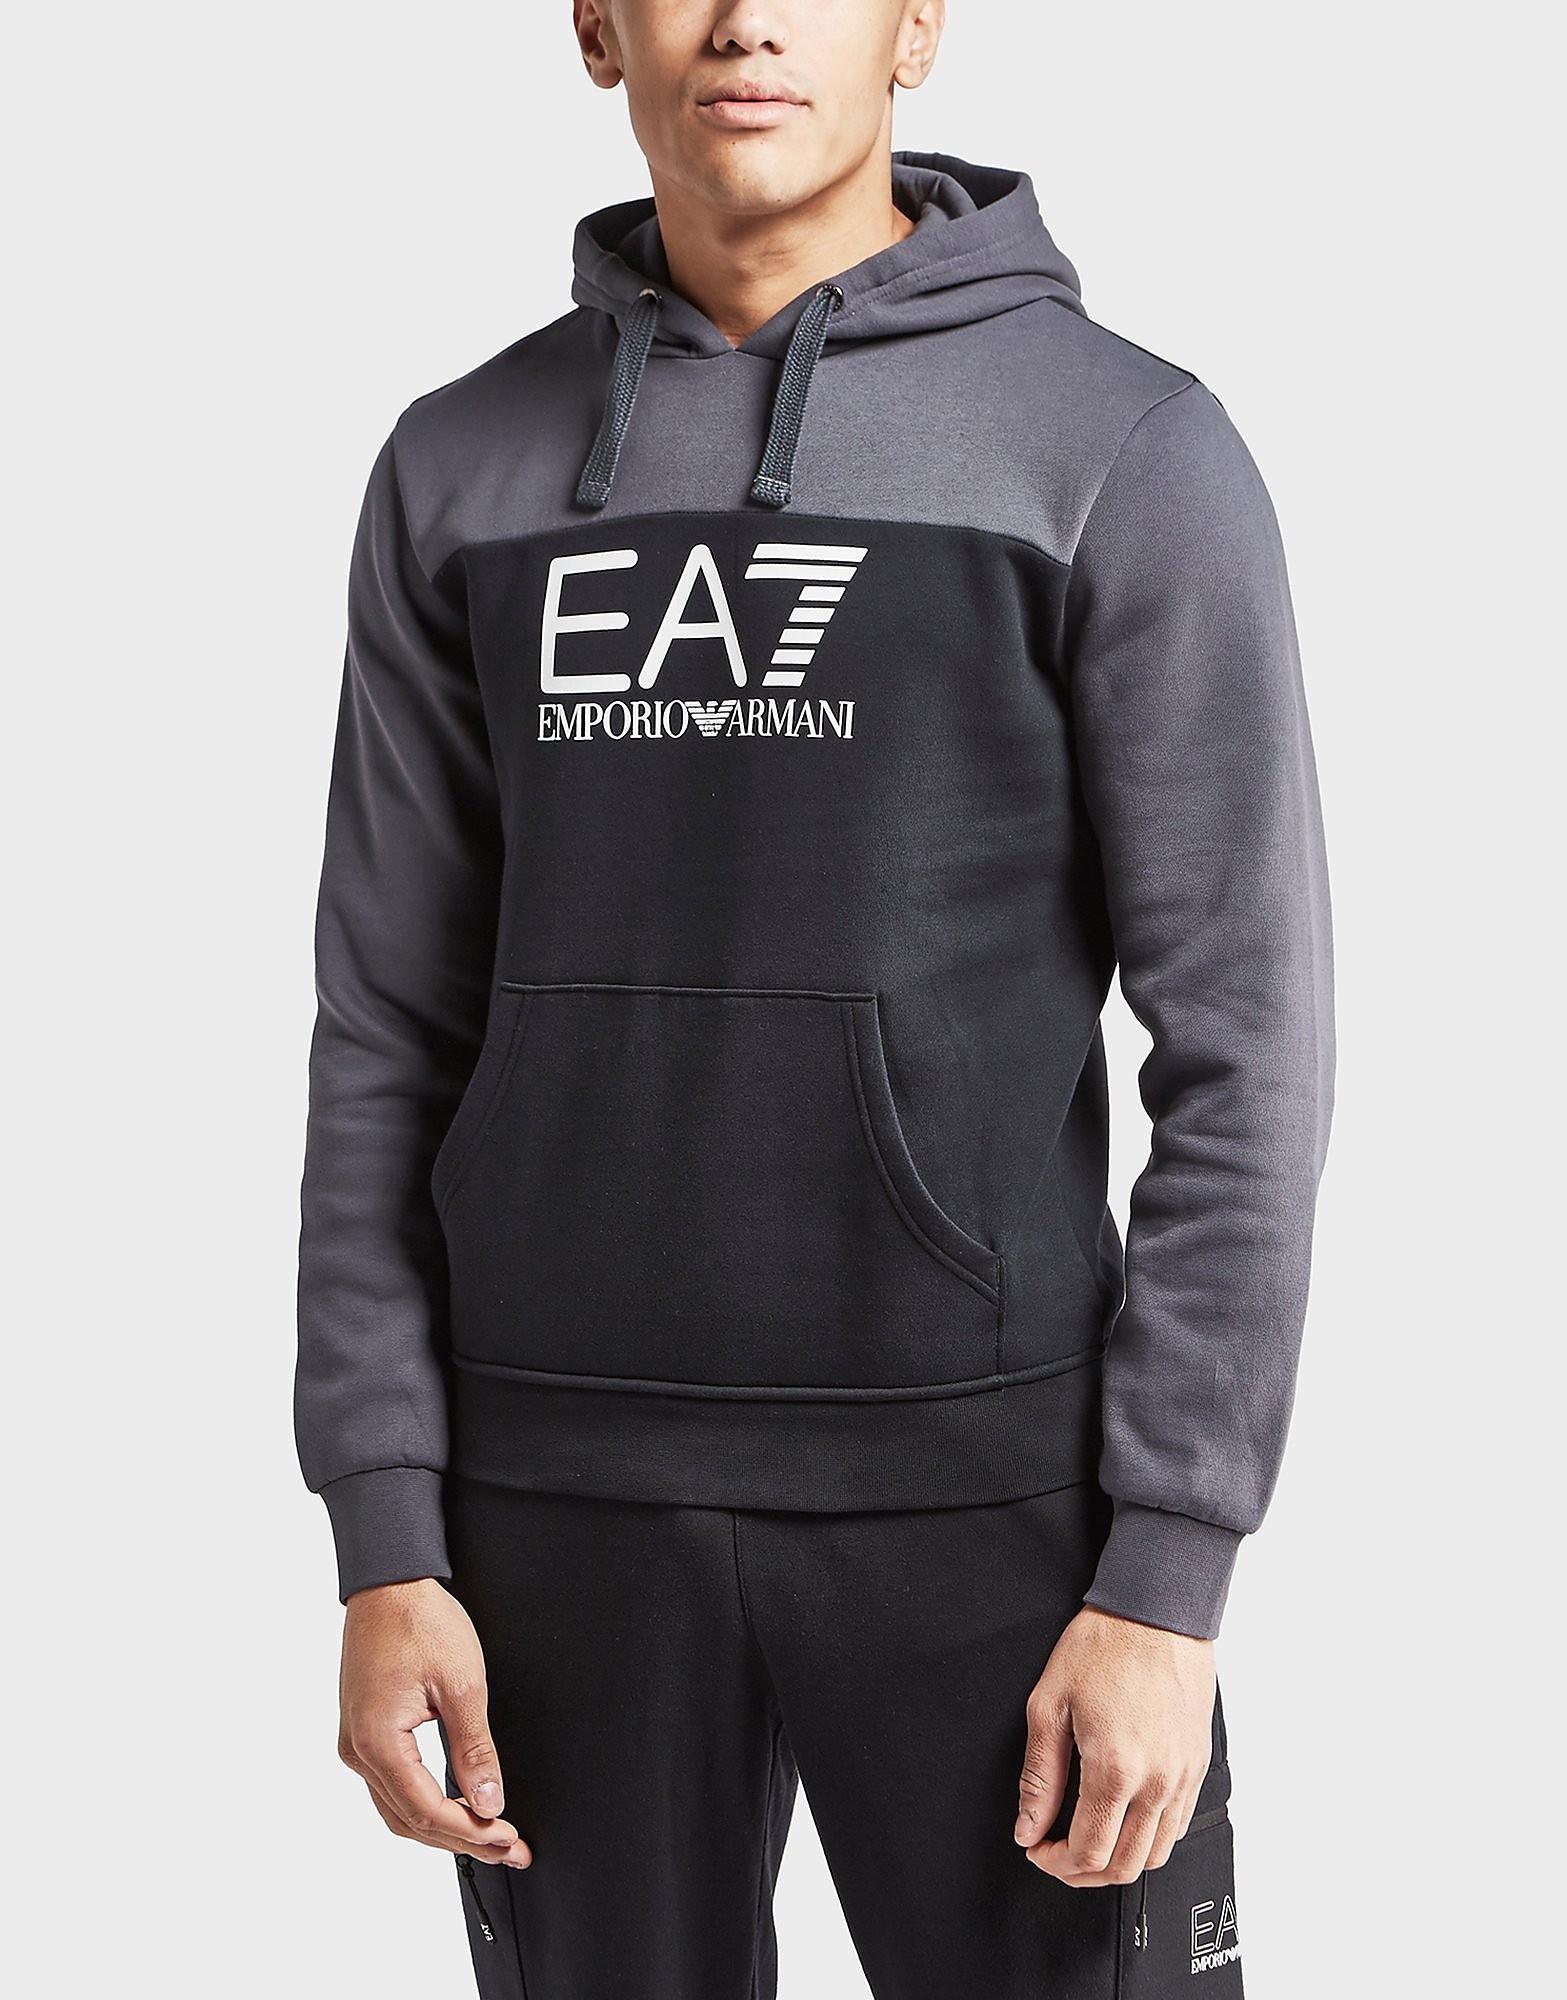 Emporio Armani EA7 Tritotal Hoody